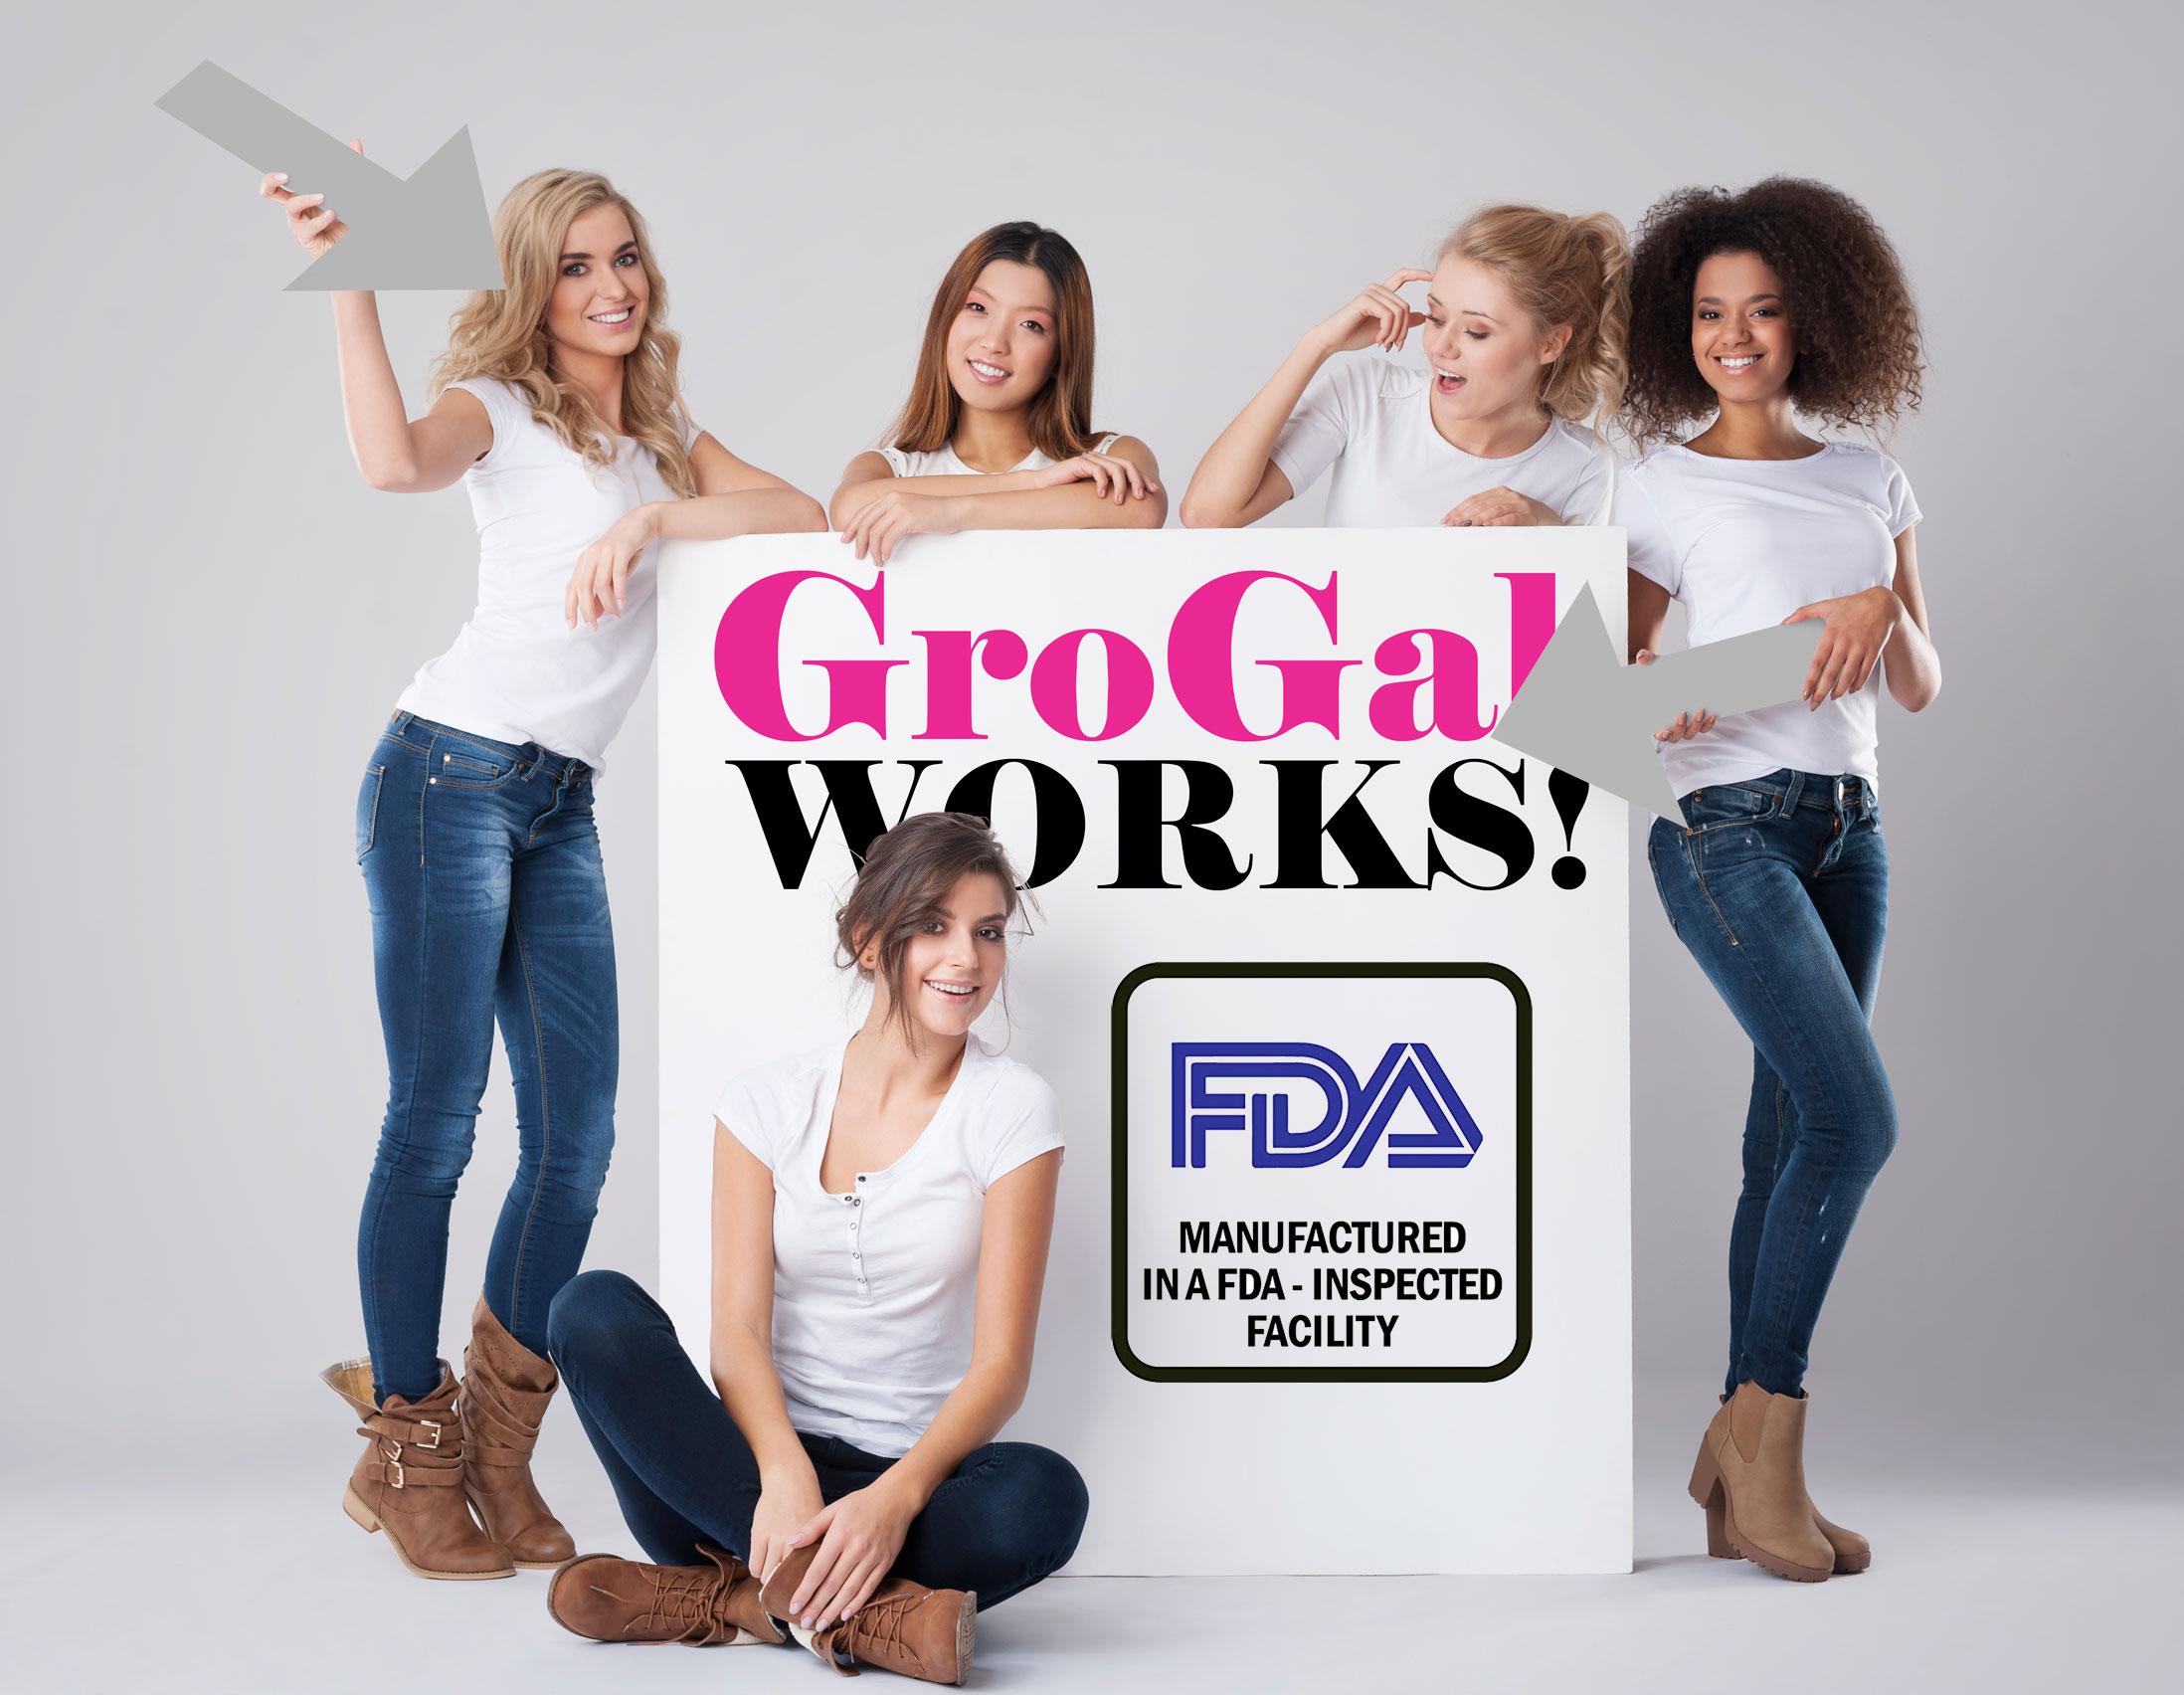 grogal-works-jpg-for-web.jpg